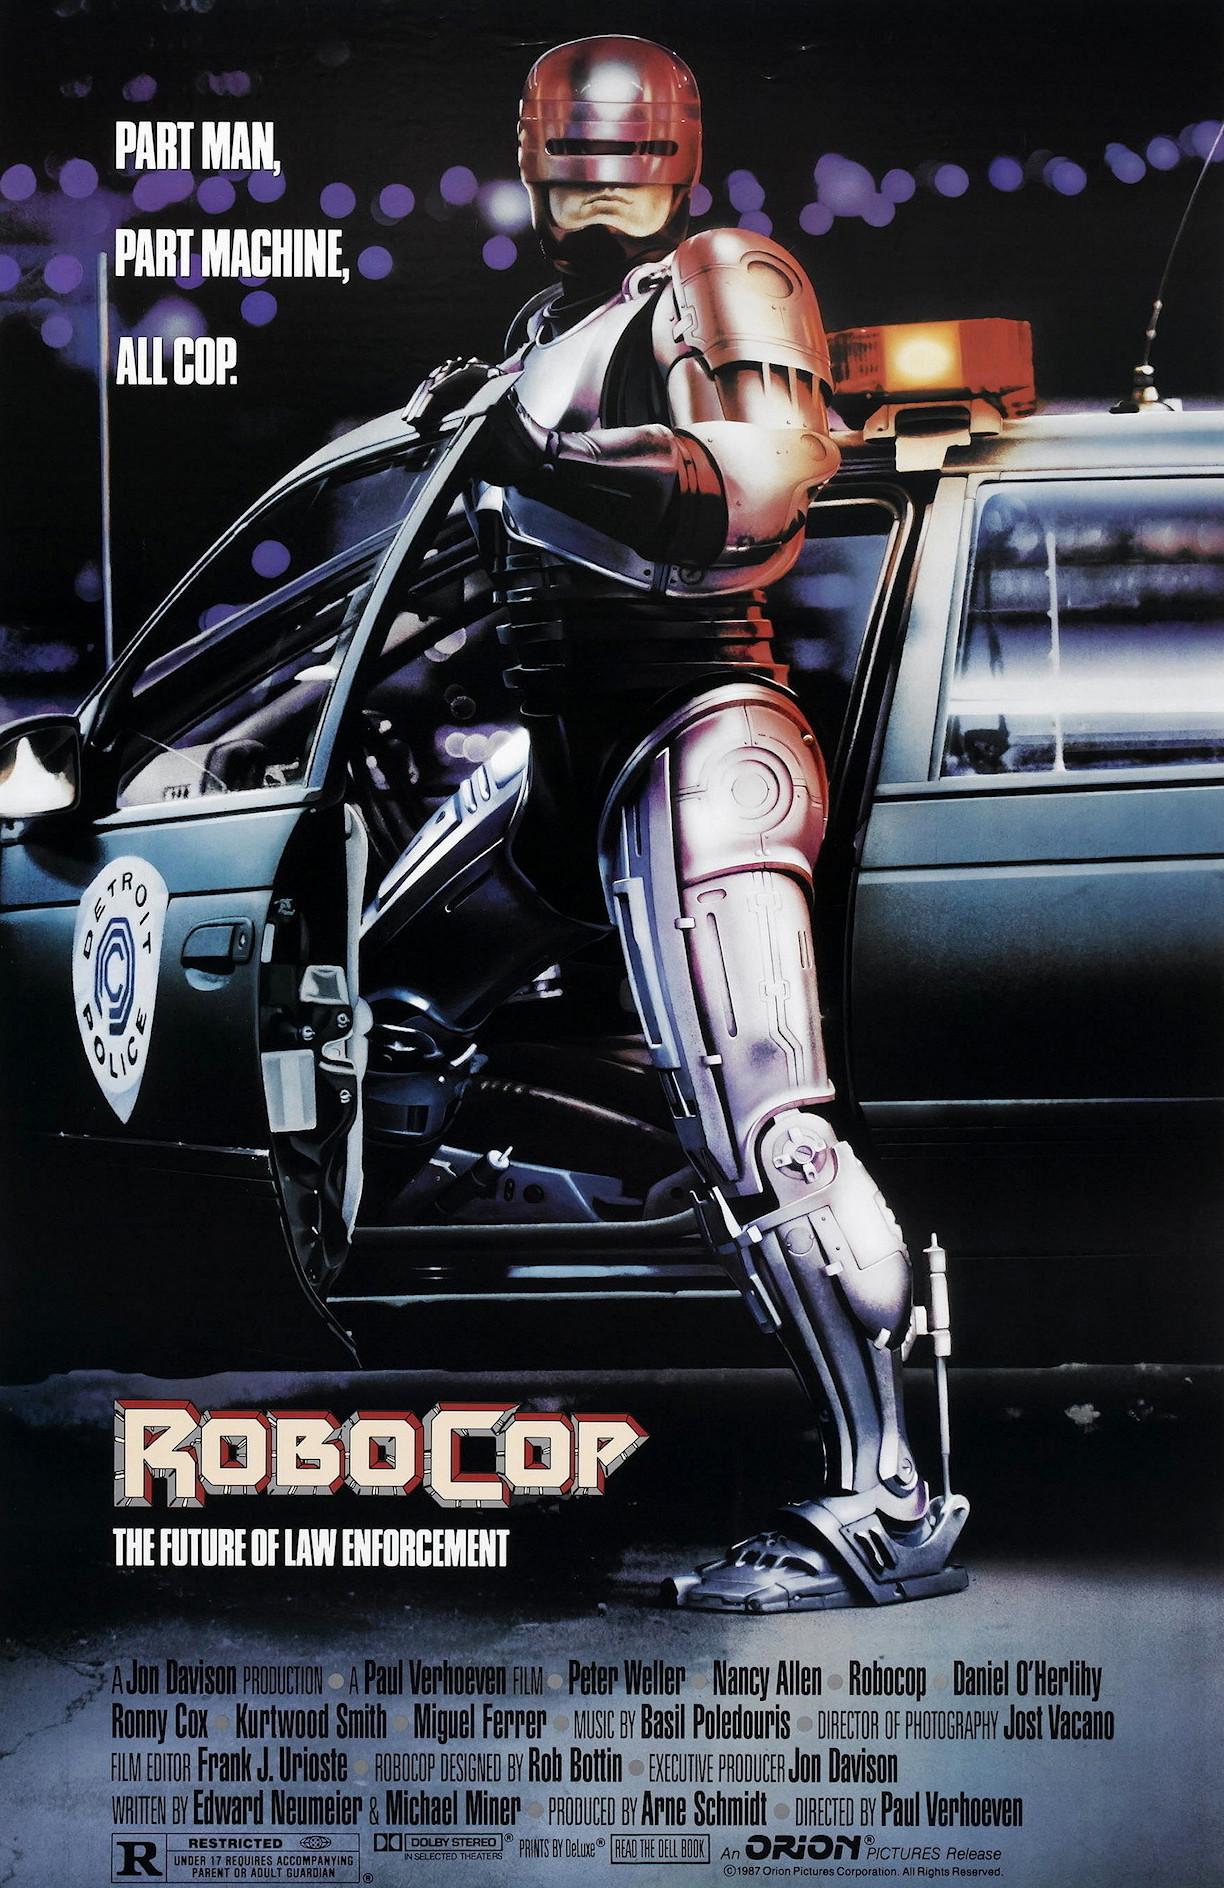 Kode lgx robocop